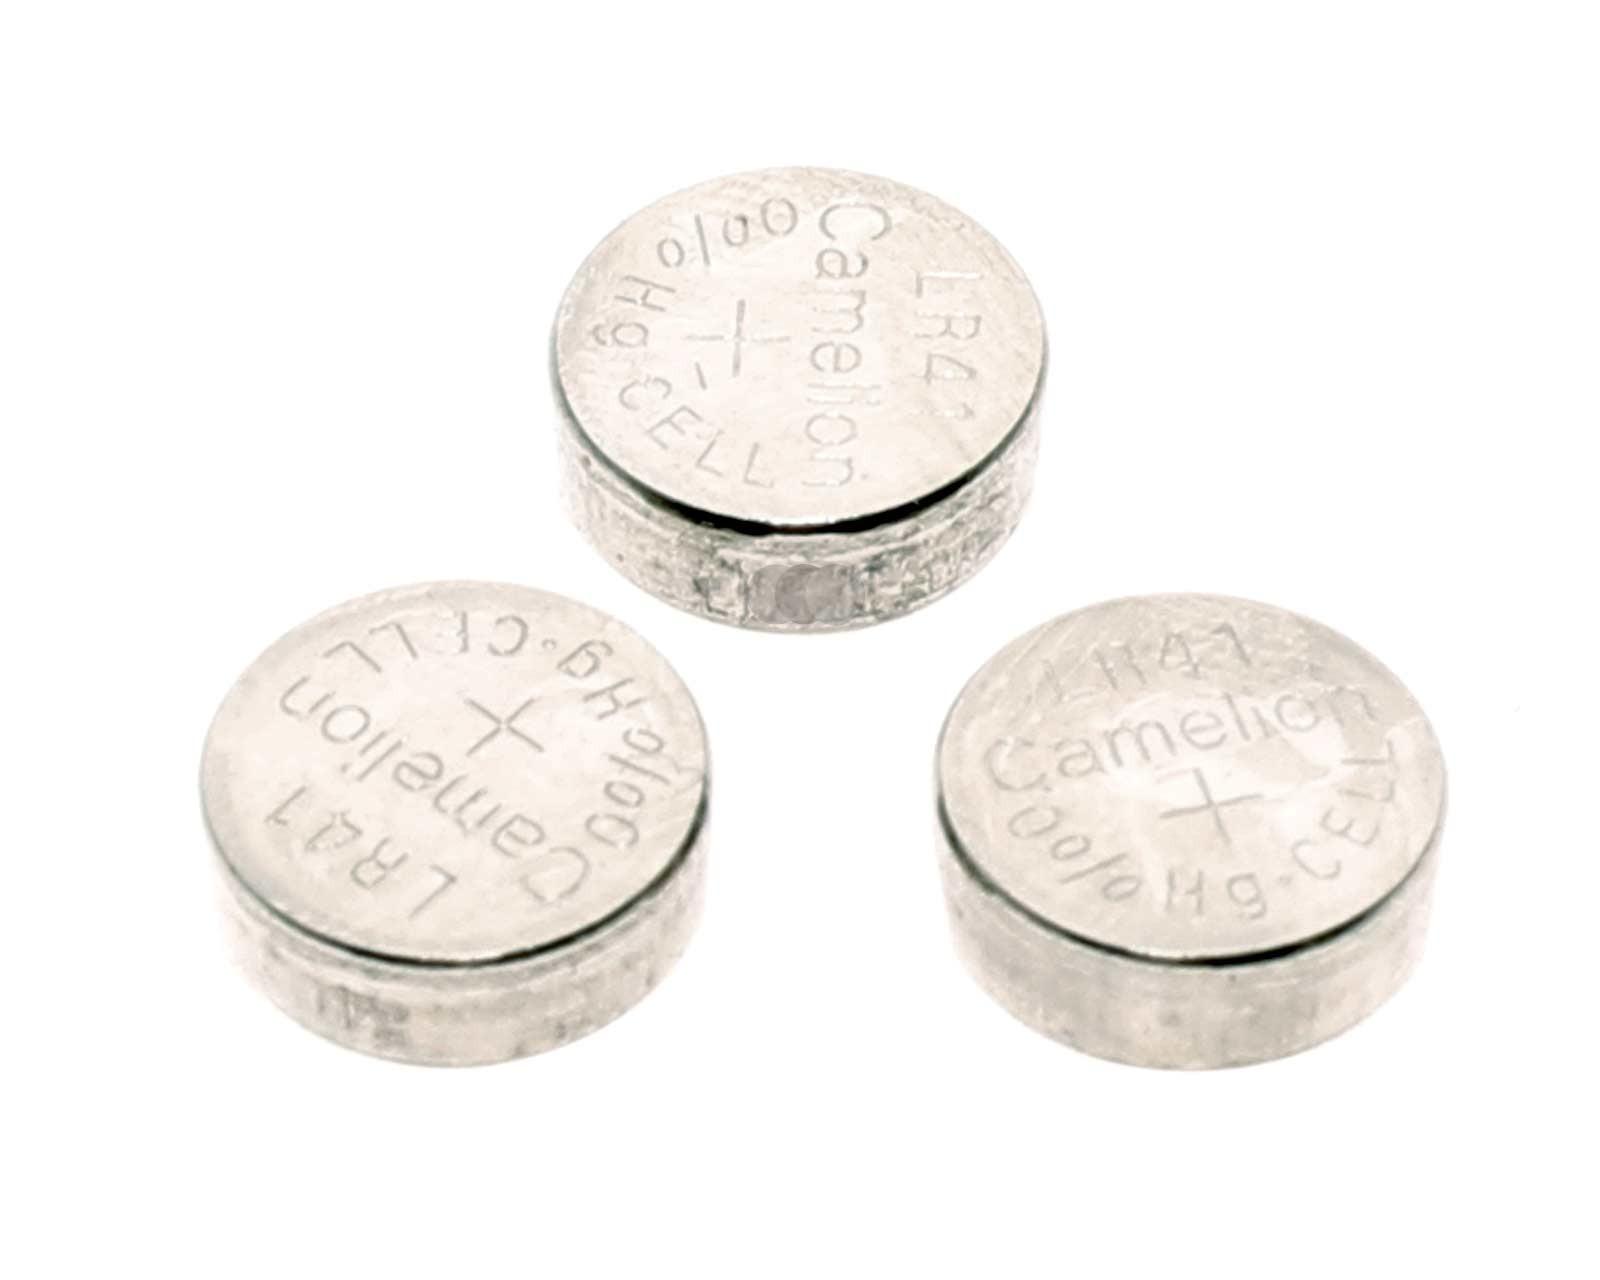 3 x AG3 (LR41) Knopfzellen Batterien für LEGO® DUPLO Sirenen und Warnlichter